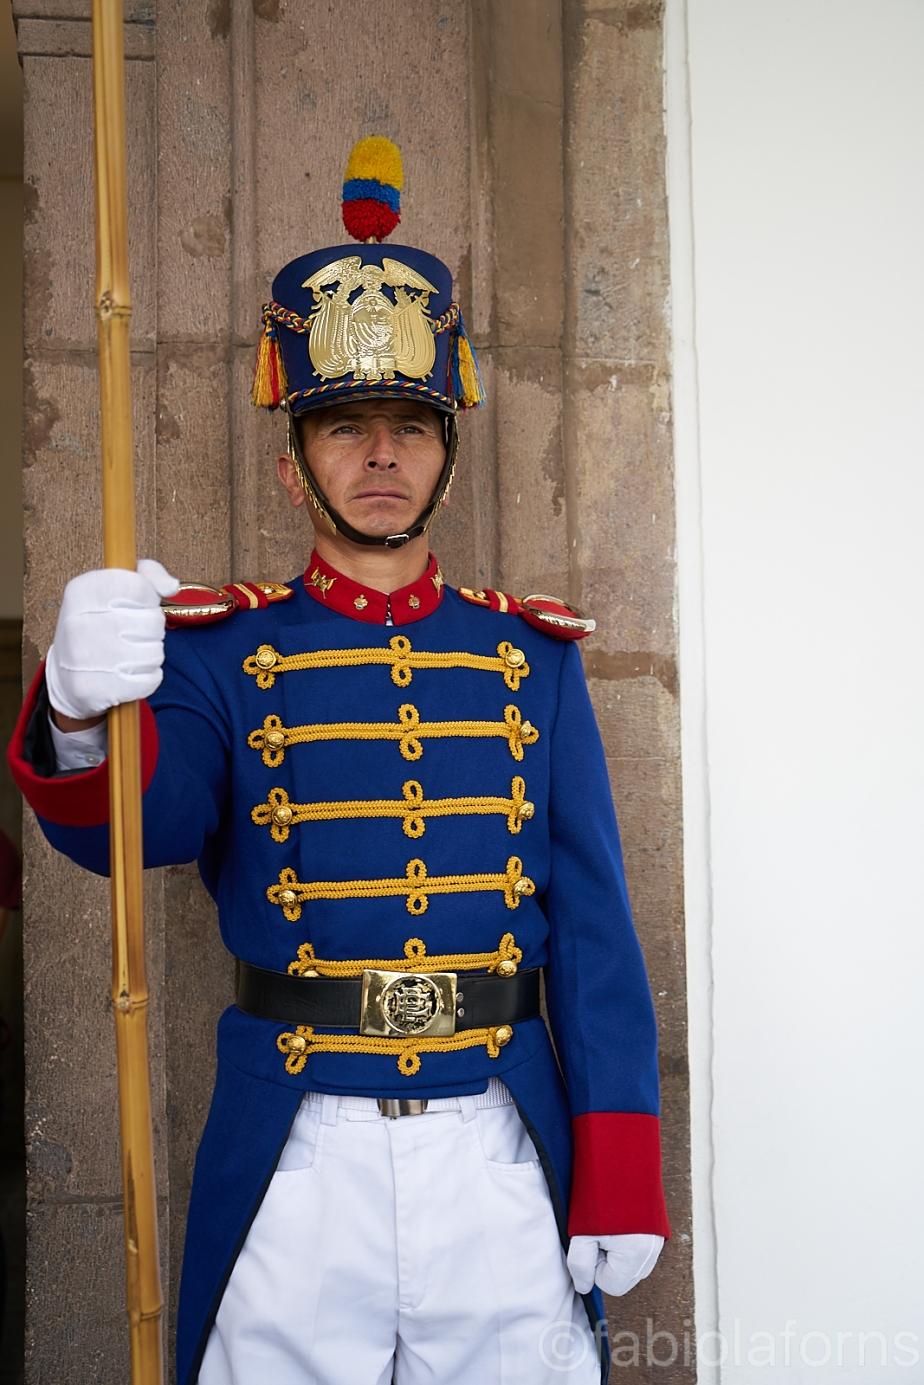 UIO guard